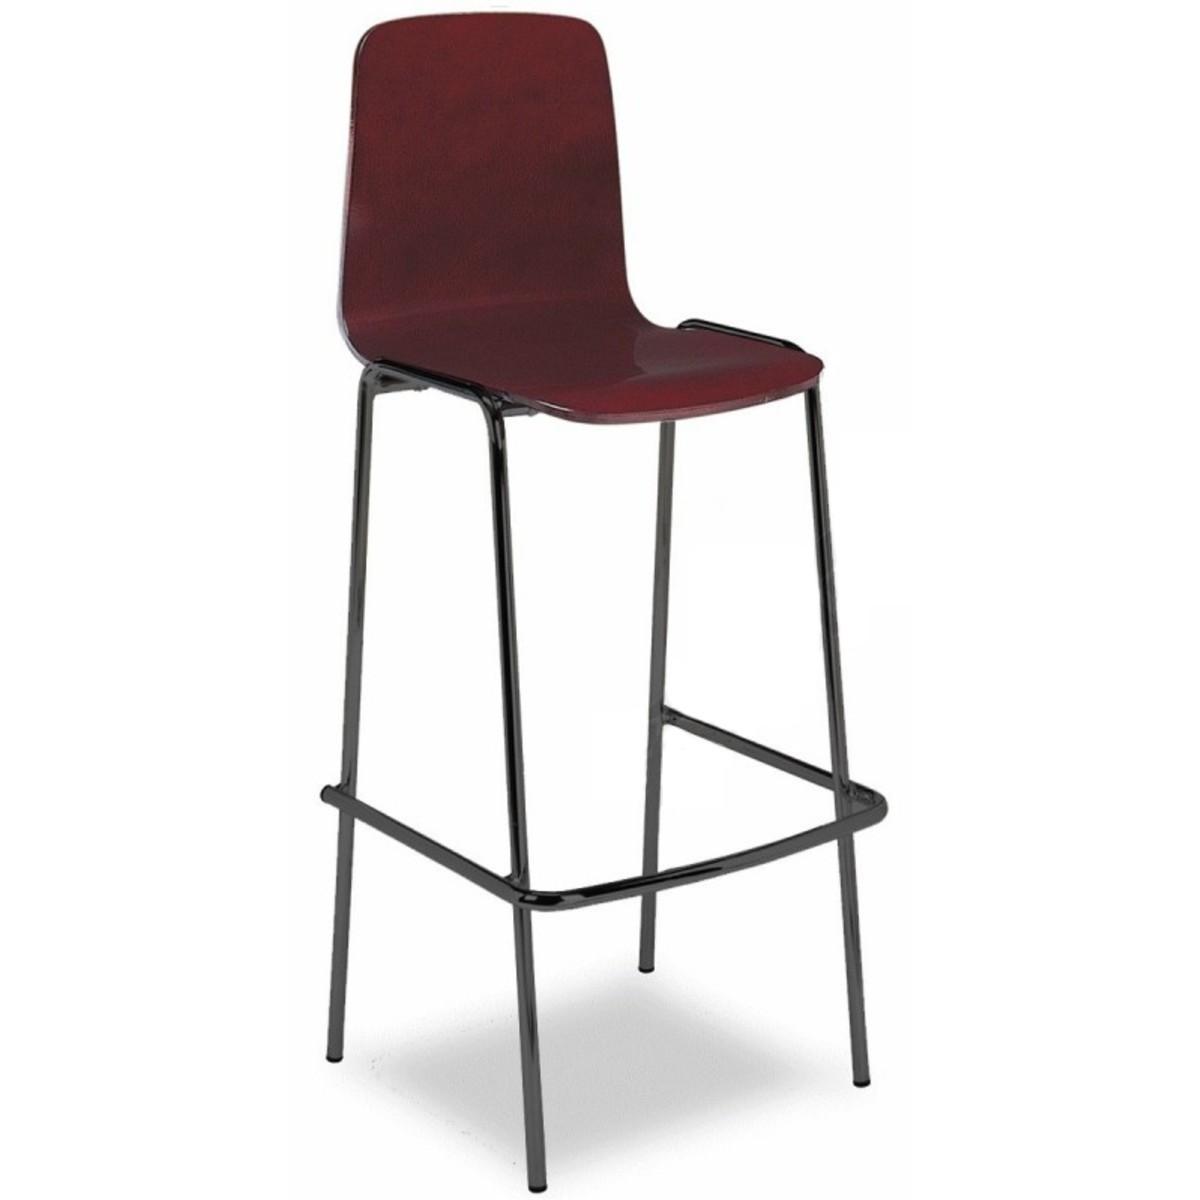 Taburete bar aluminio con respaldo y asiento en madera - Taburete madera bar ...